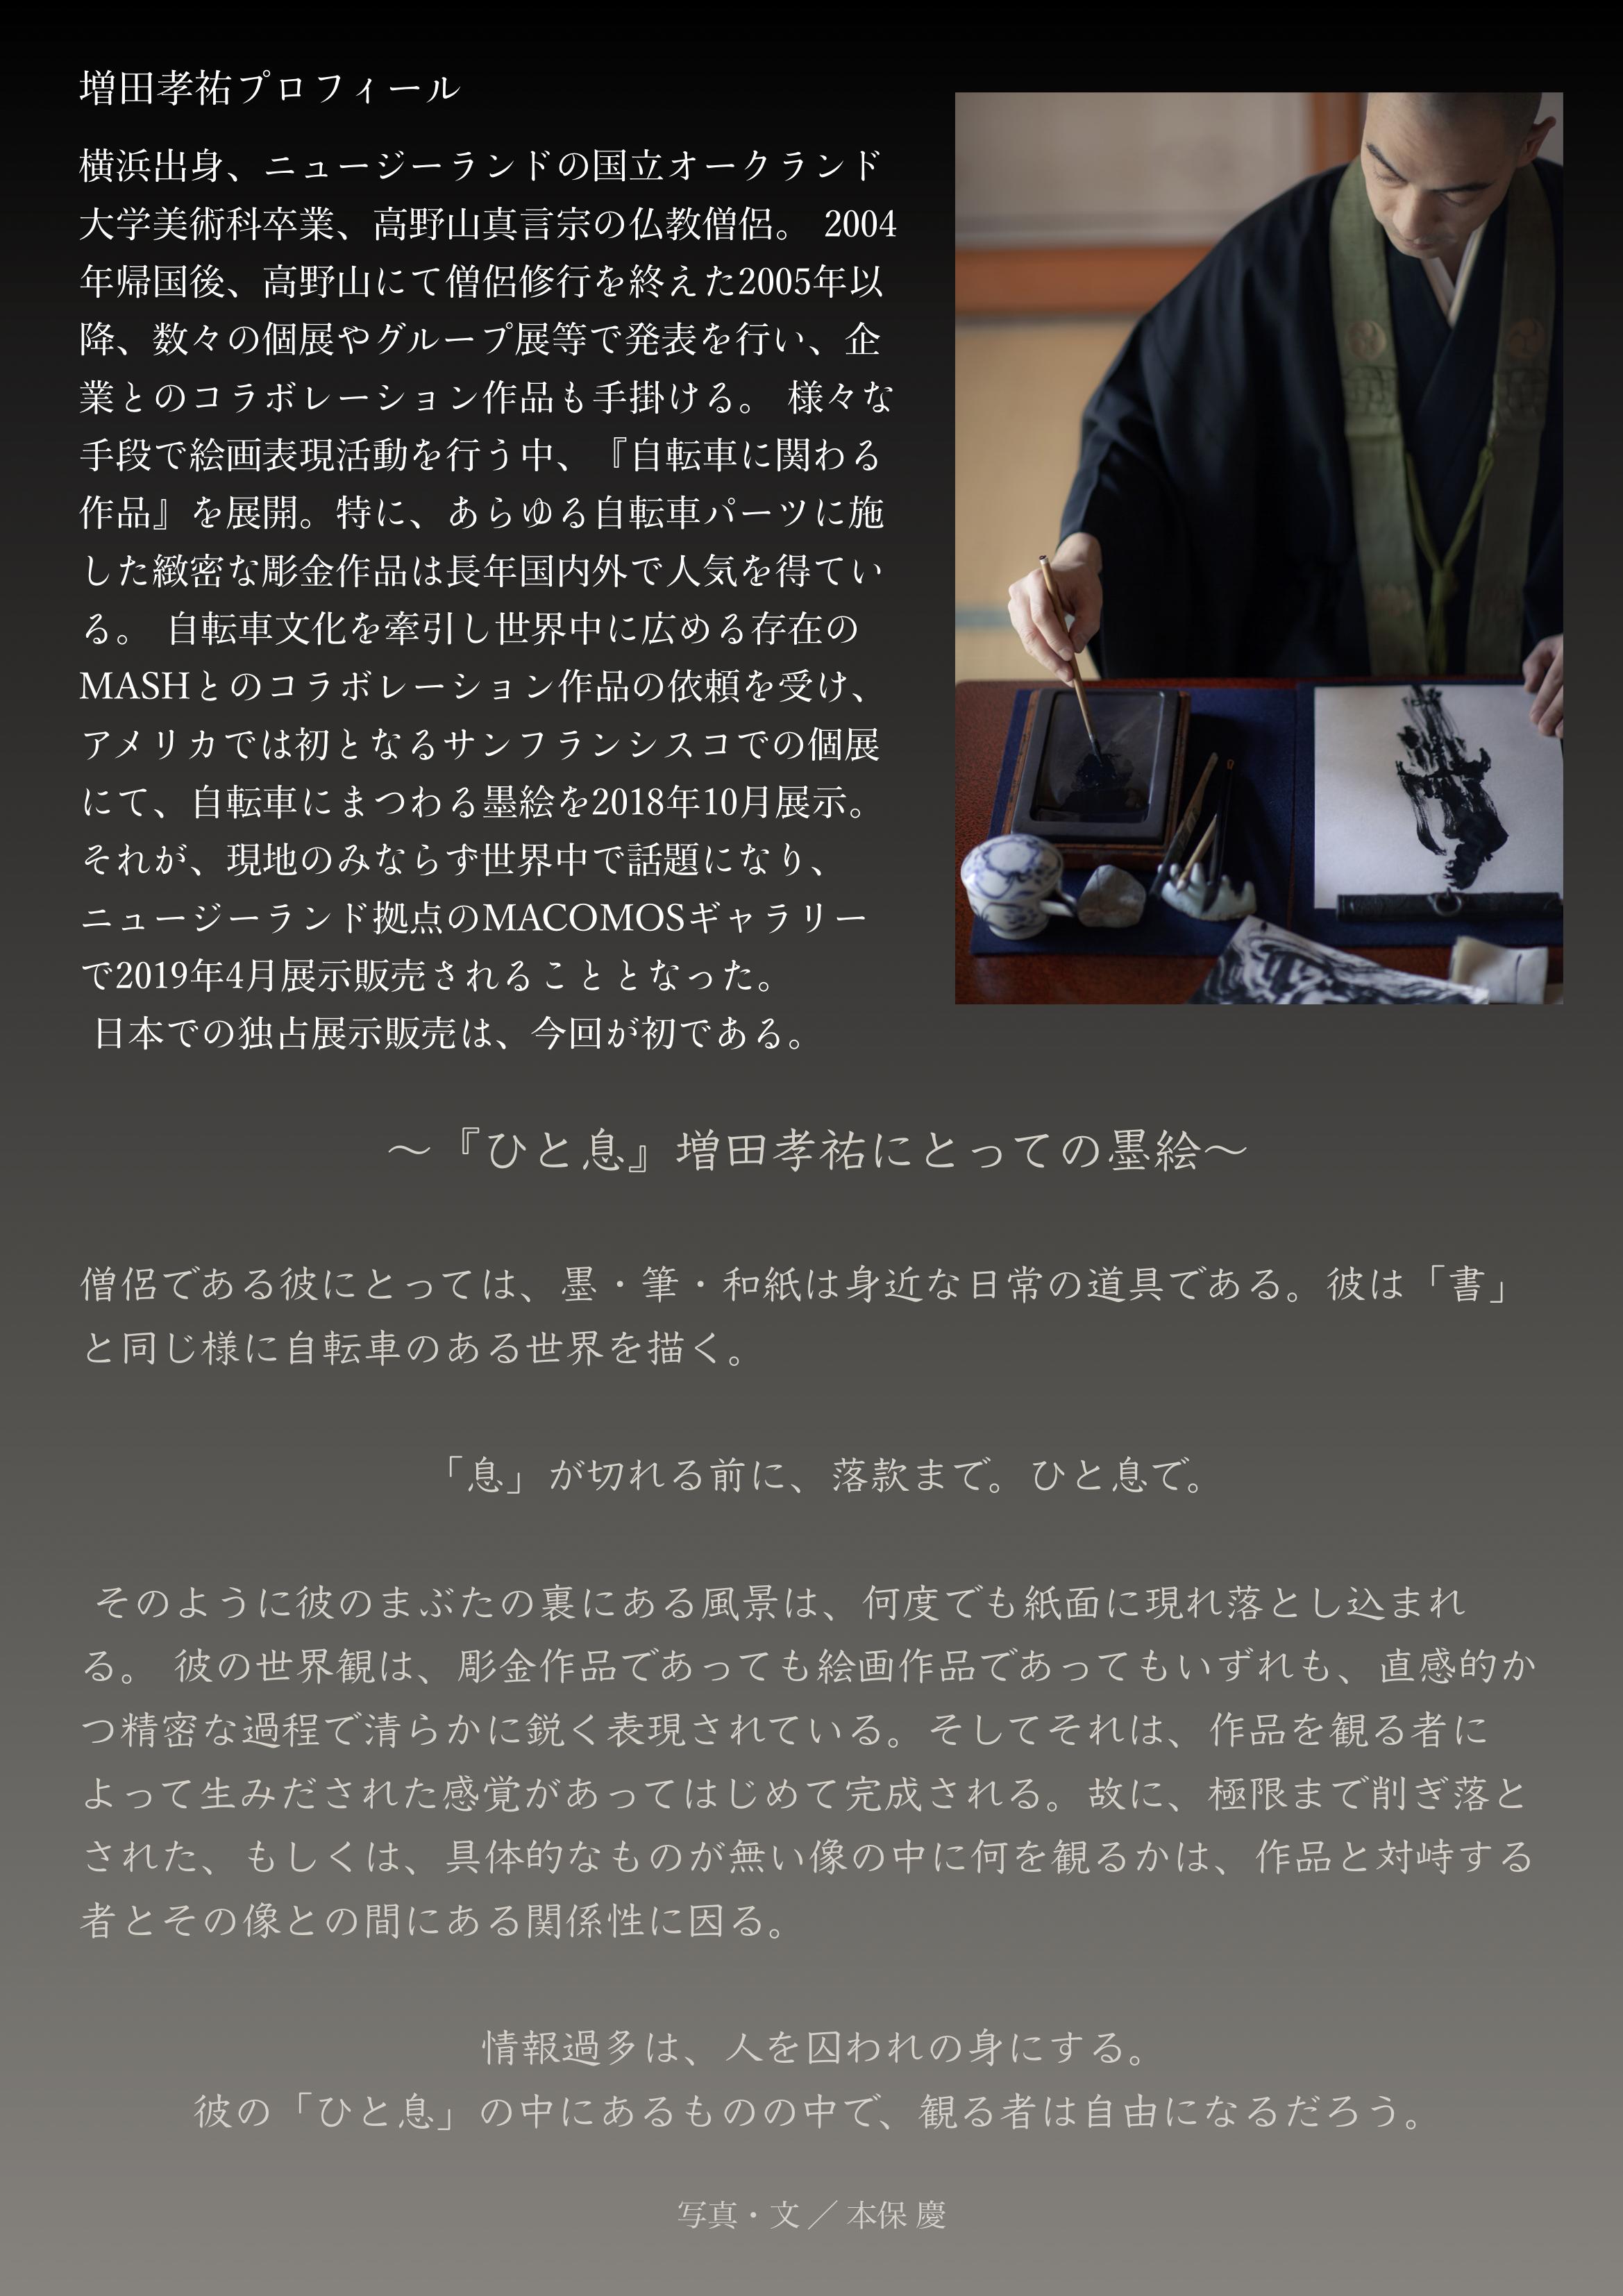 墨絵展改訂版002.jpg